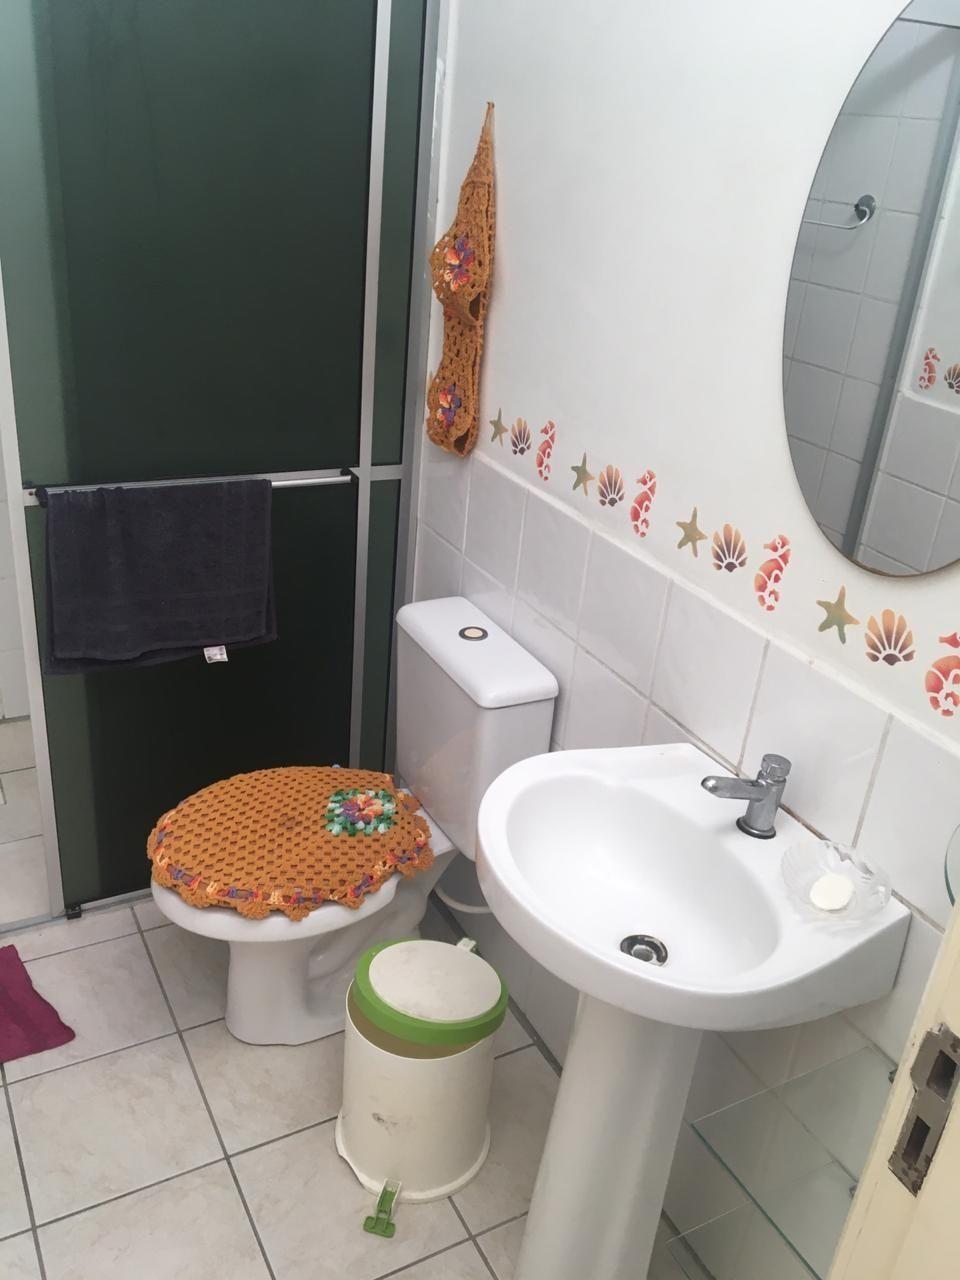 Sobrado com 2 Dormitórios à venda, 75 m² por R$ 355.000,00